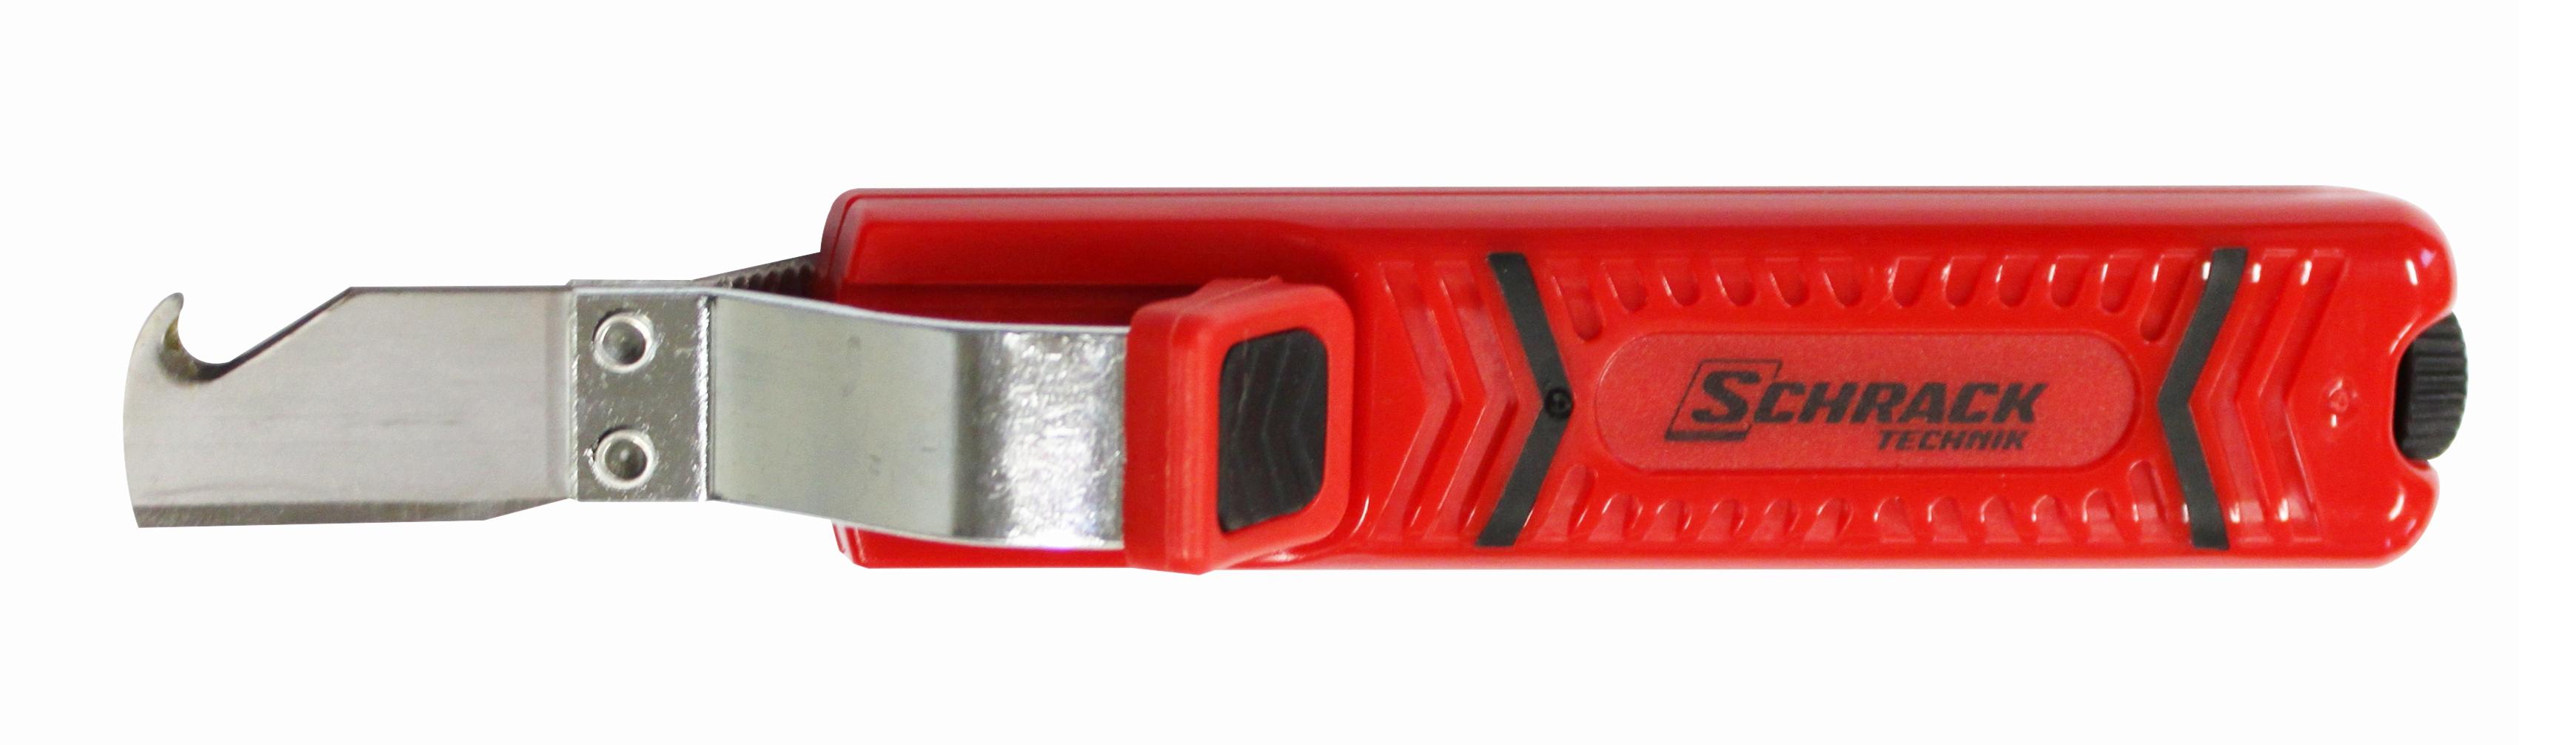 1 Stk Kabelmesser Schrack mit Hakenklinge, Universal: 8-28mm GI7144104-